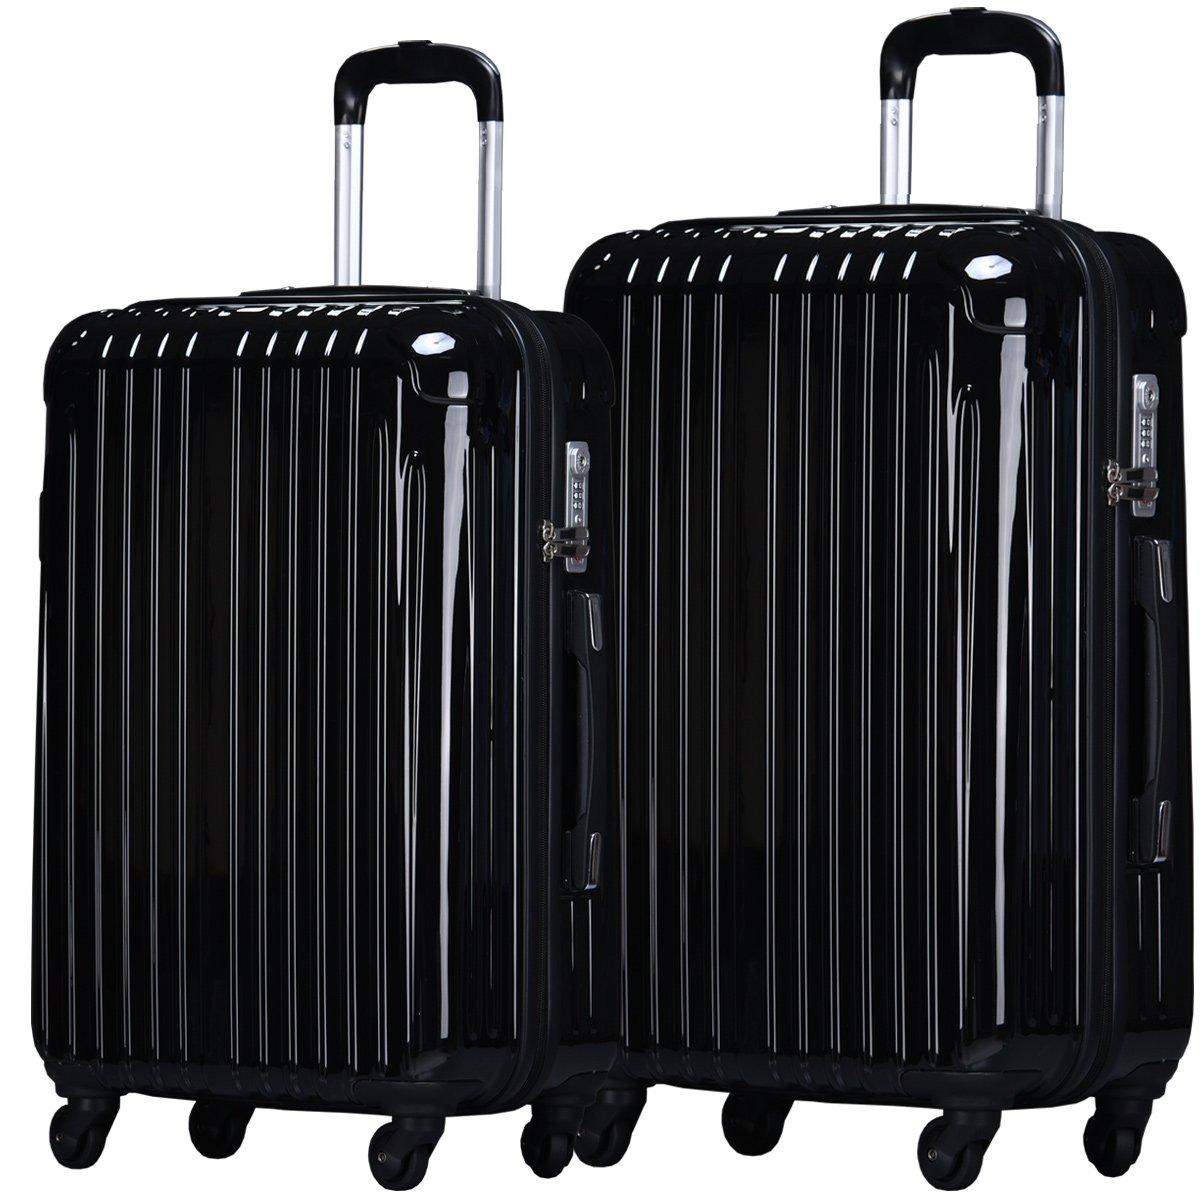 【ラッキーパンダ】luckypanda TY001 スーツケース 2個set キャリーバッグ ファスナータイプ 【2年保証】 軽量 中型 大型 TSAロック M L 2点セット キャリーケース 鏡面 光沢  ブラック B07FHLZLVG